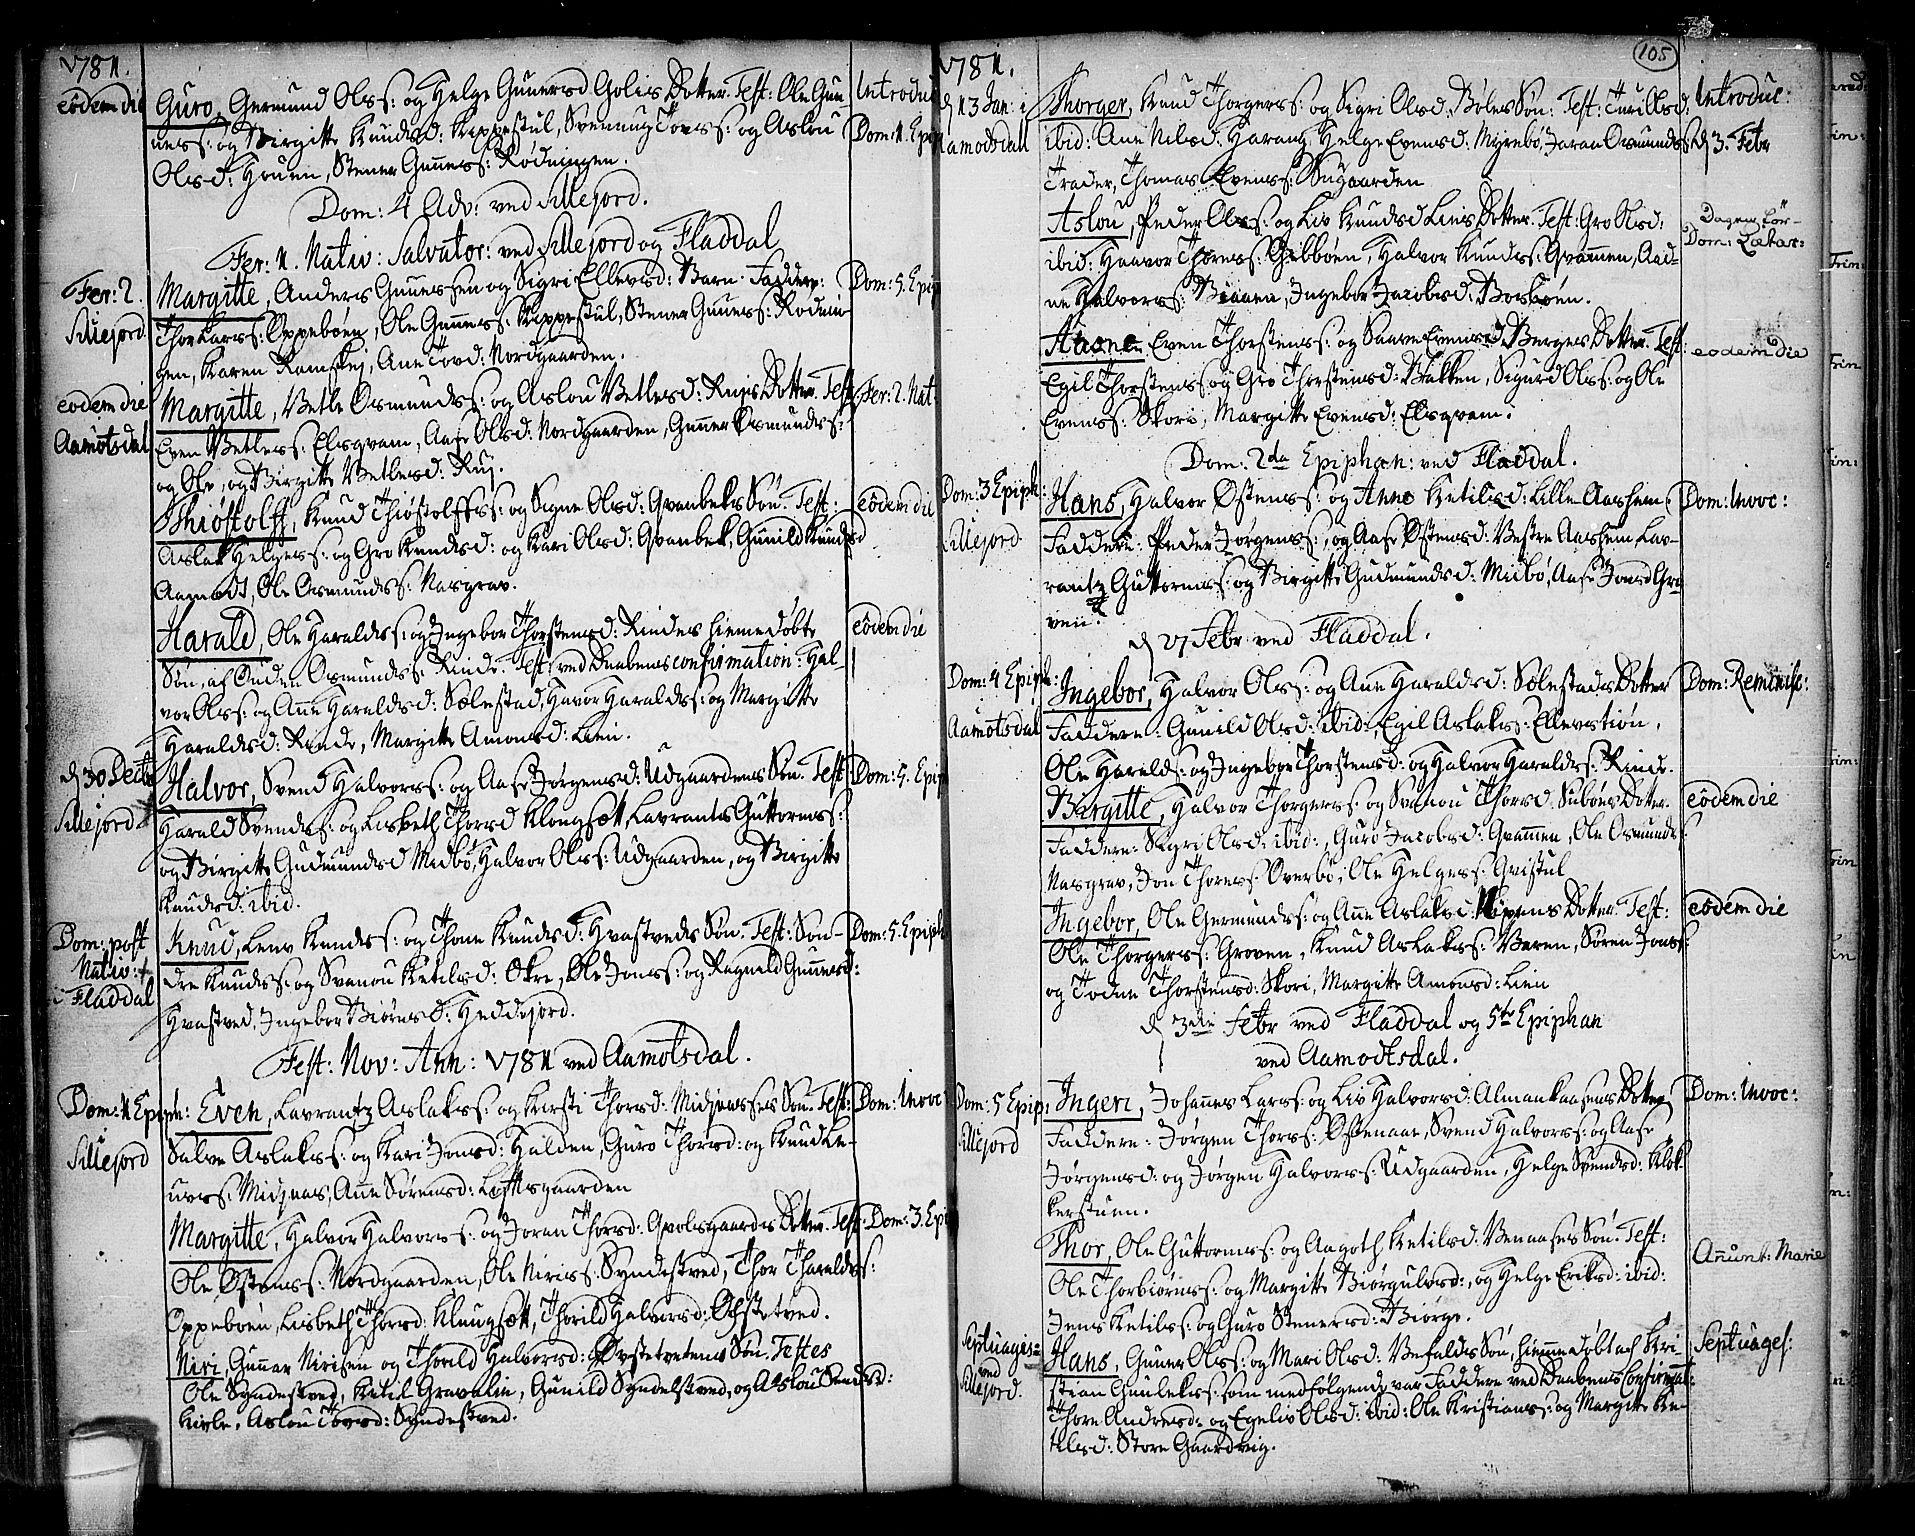 SAKO, Seljord kirkebøker, F/Fa/L0007: Ministerialbok nr. I 7, 1755-1800, s. 105